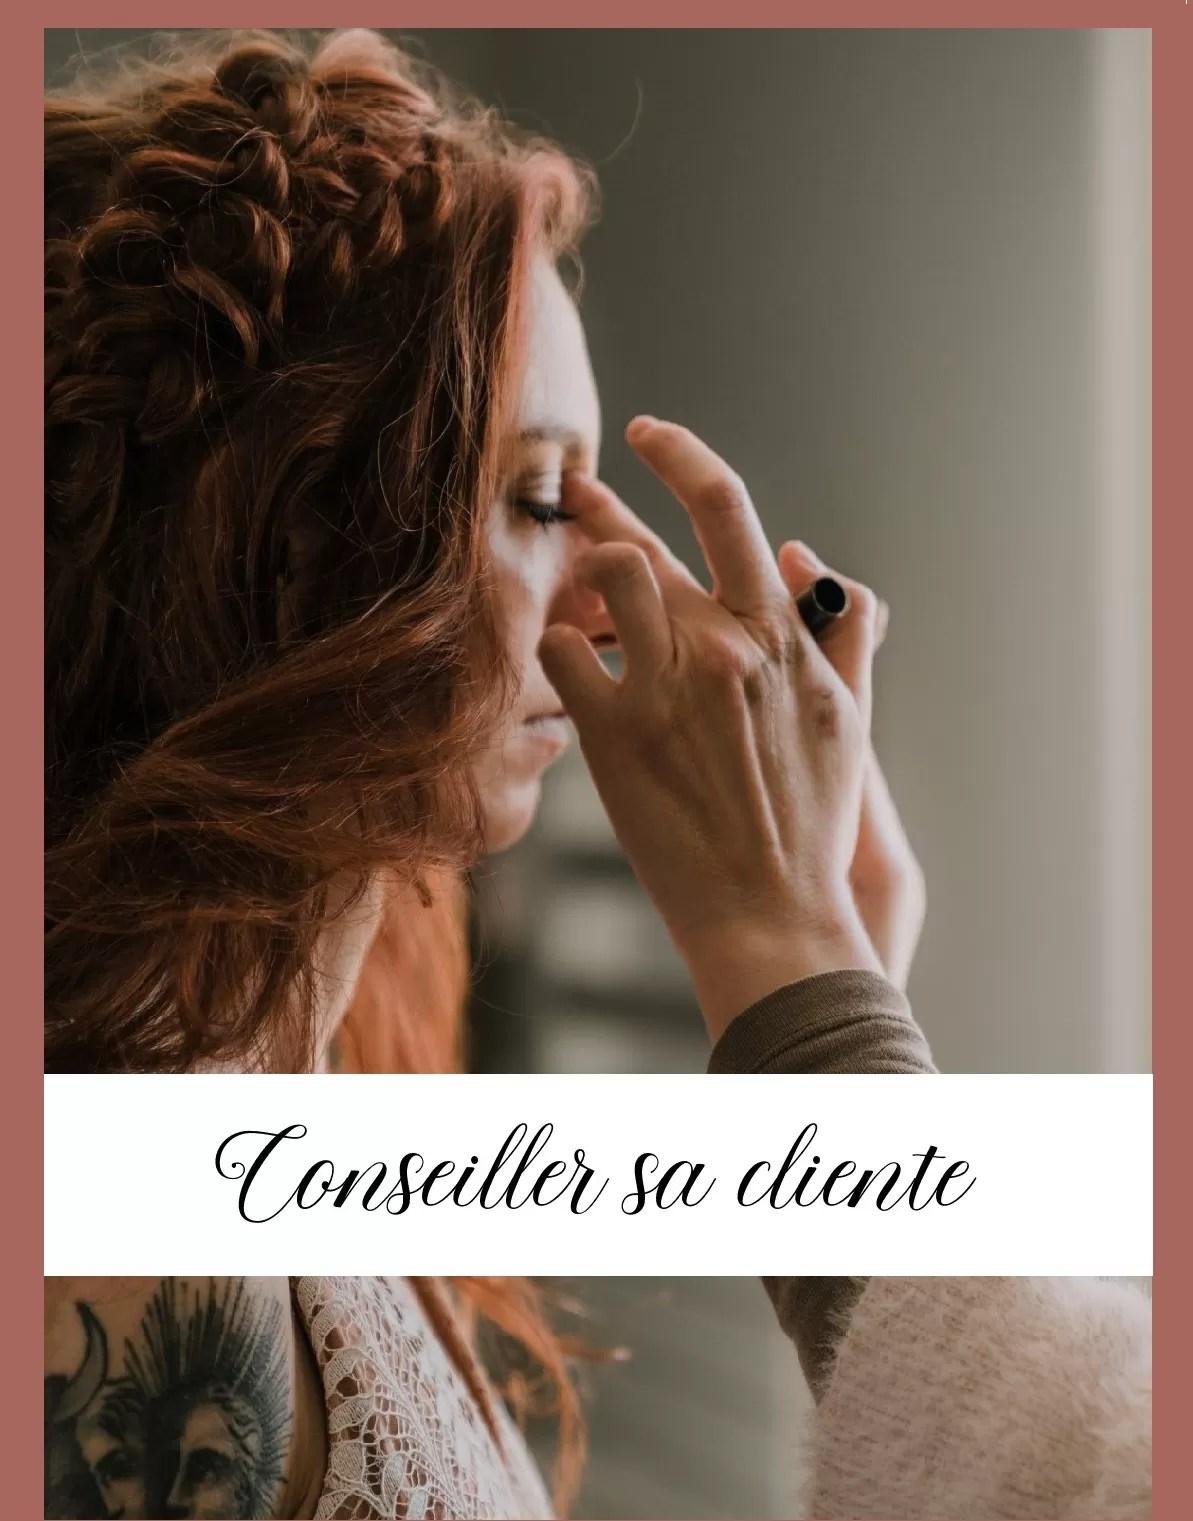 formation conseiller sa cliente cours de maquillage Normandie Cherbourg la Manche